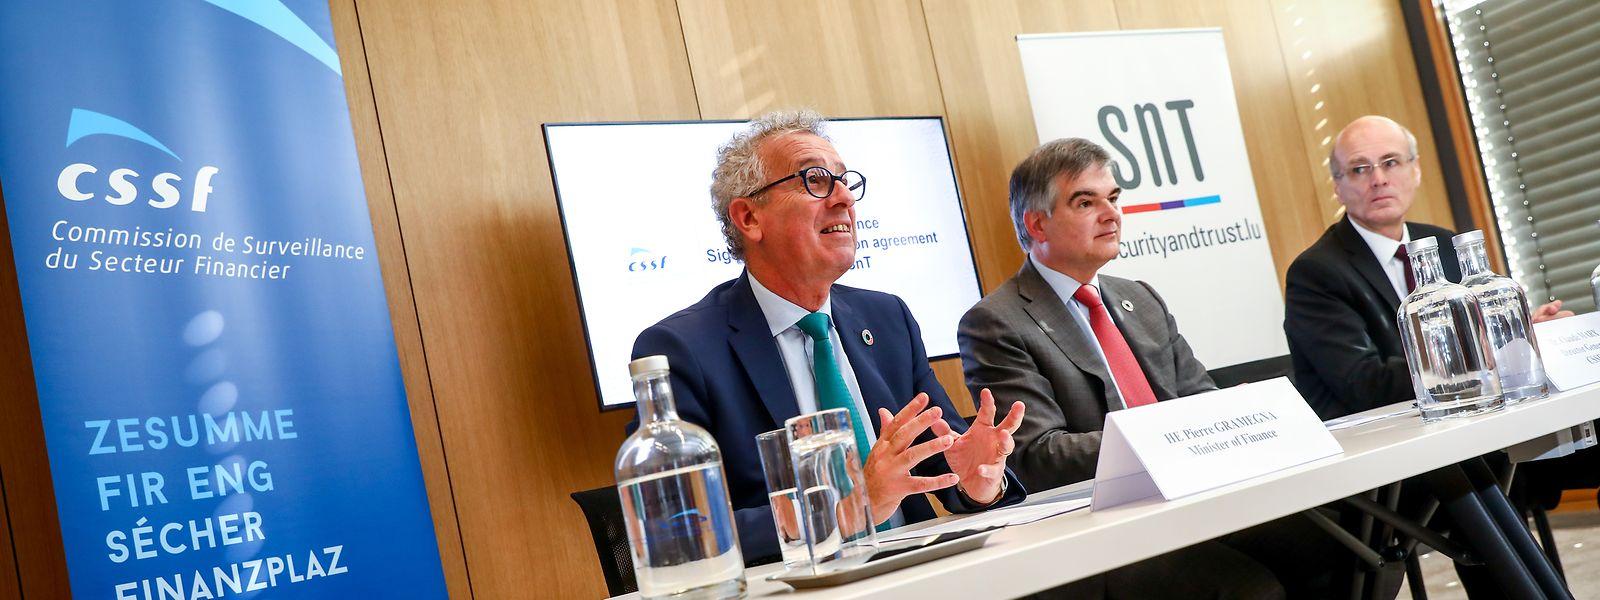 Le ministre Pierre Gramegna, le directeur général de la CSSF Claude Marx et le directeur du SnT Björn Ottersten